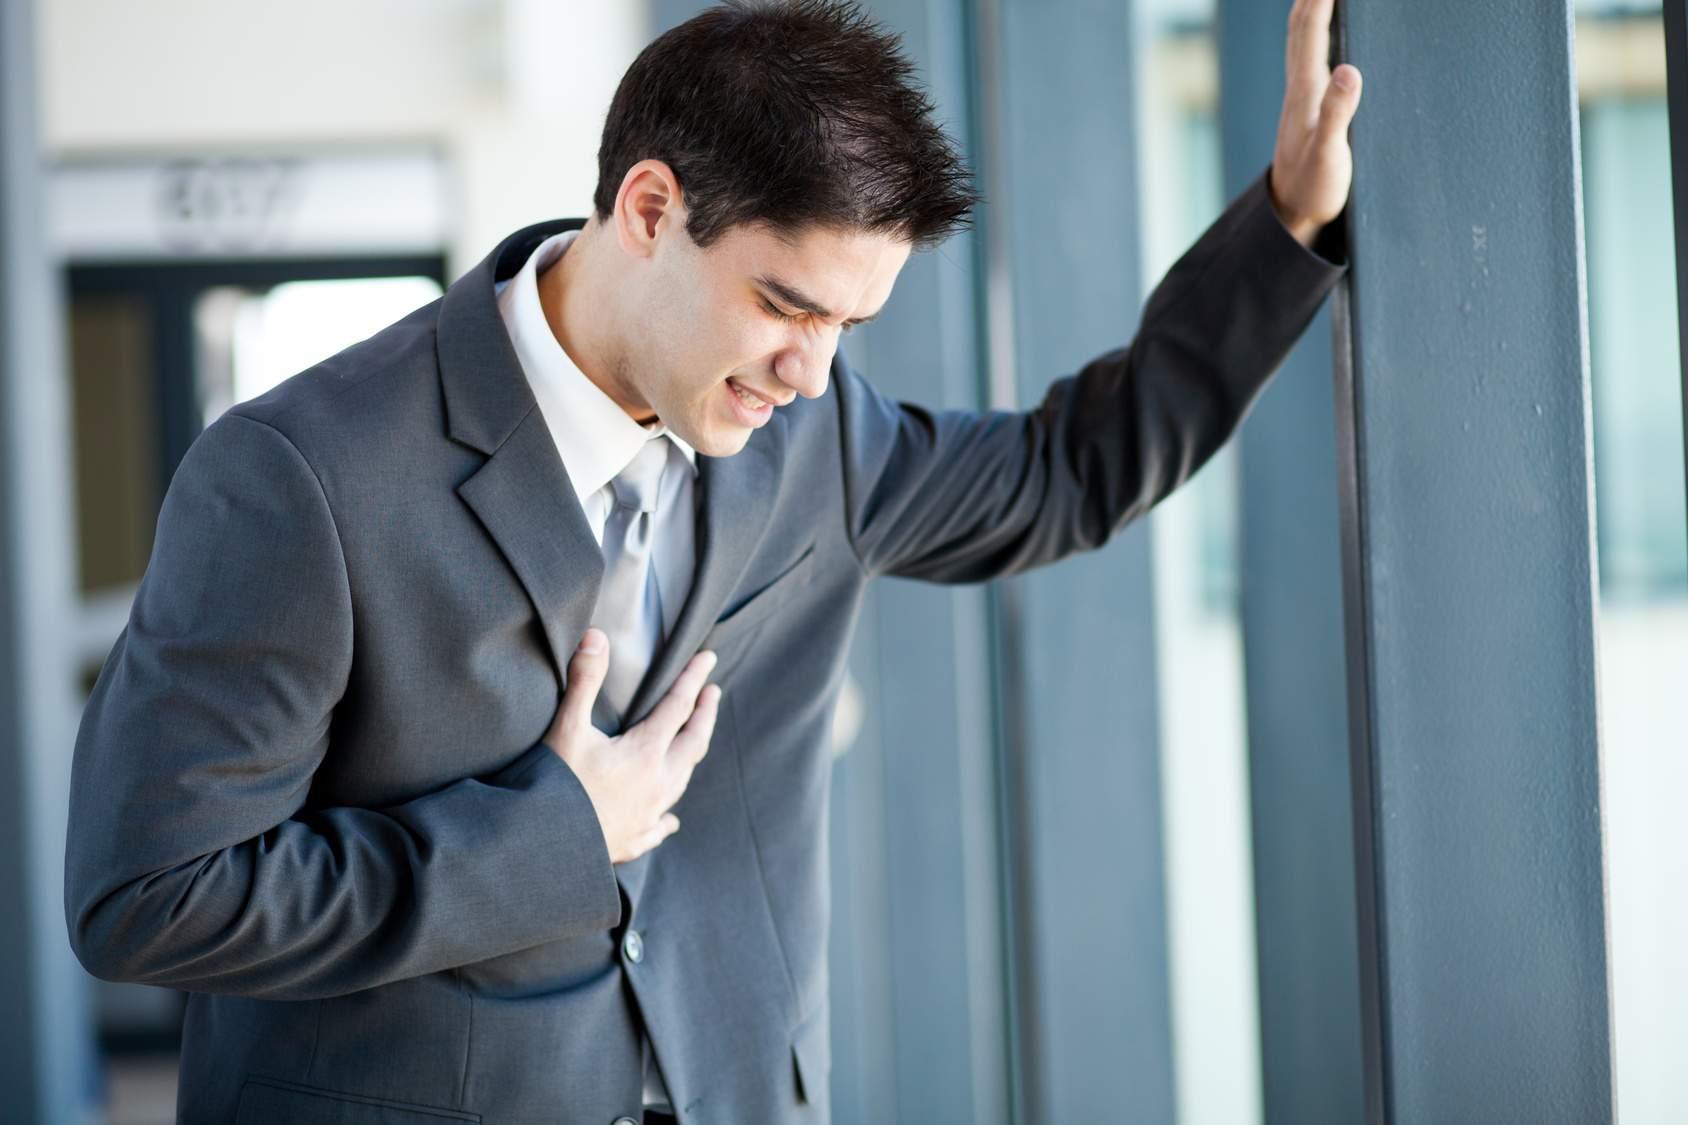 Эти симптомы могут говорить о приближающемся сердечном приступе